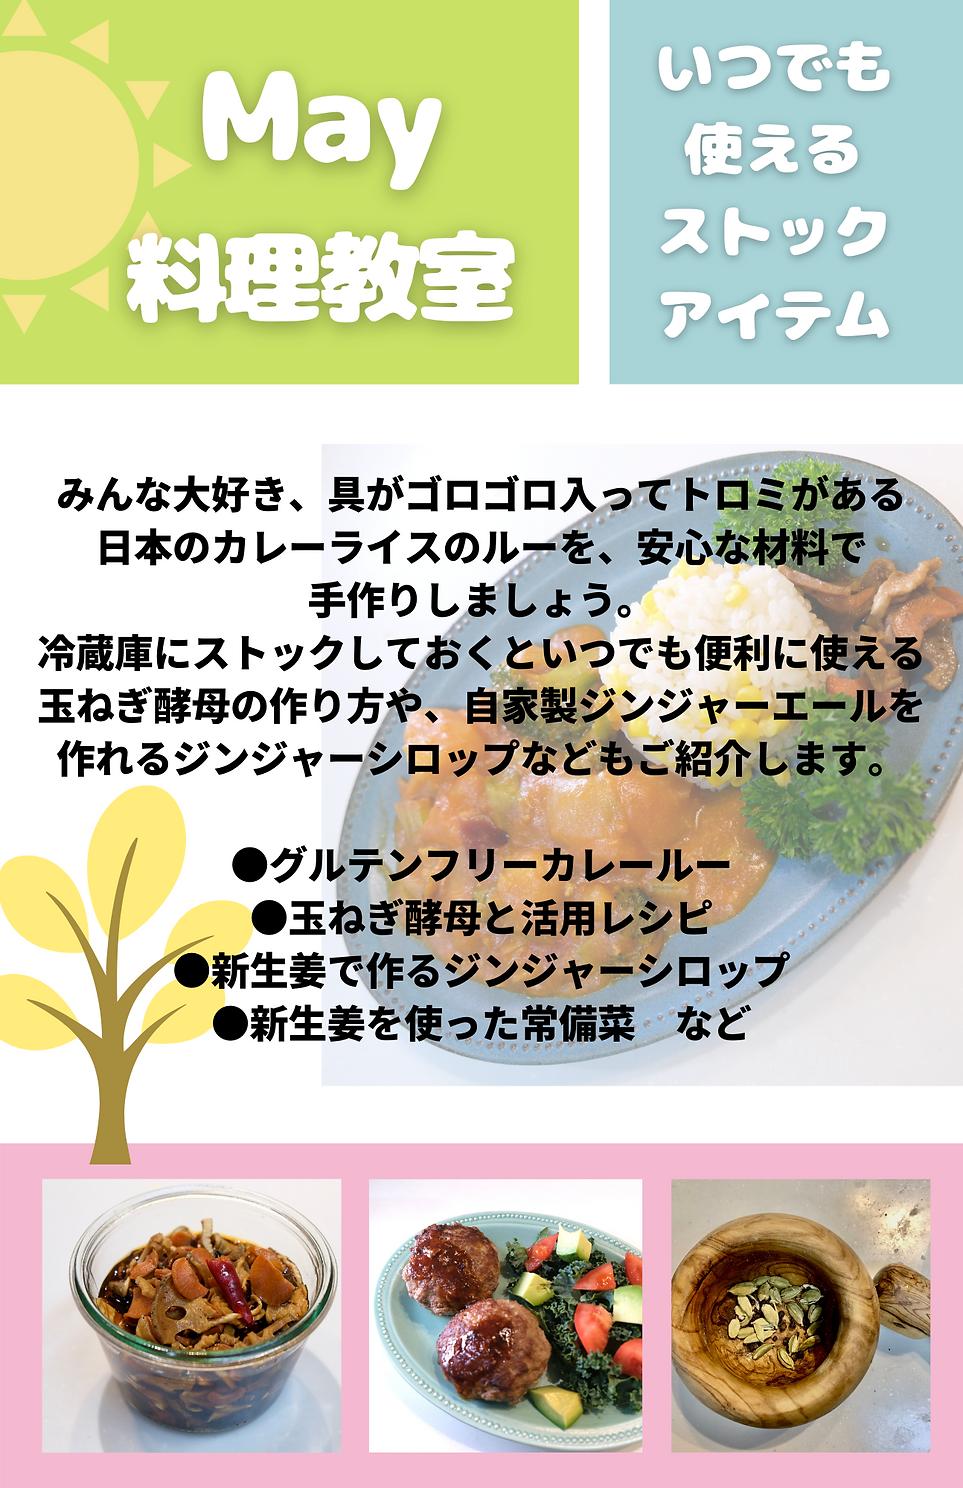 5月お知らせ.png